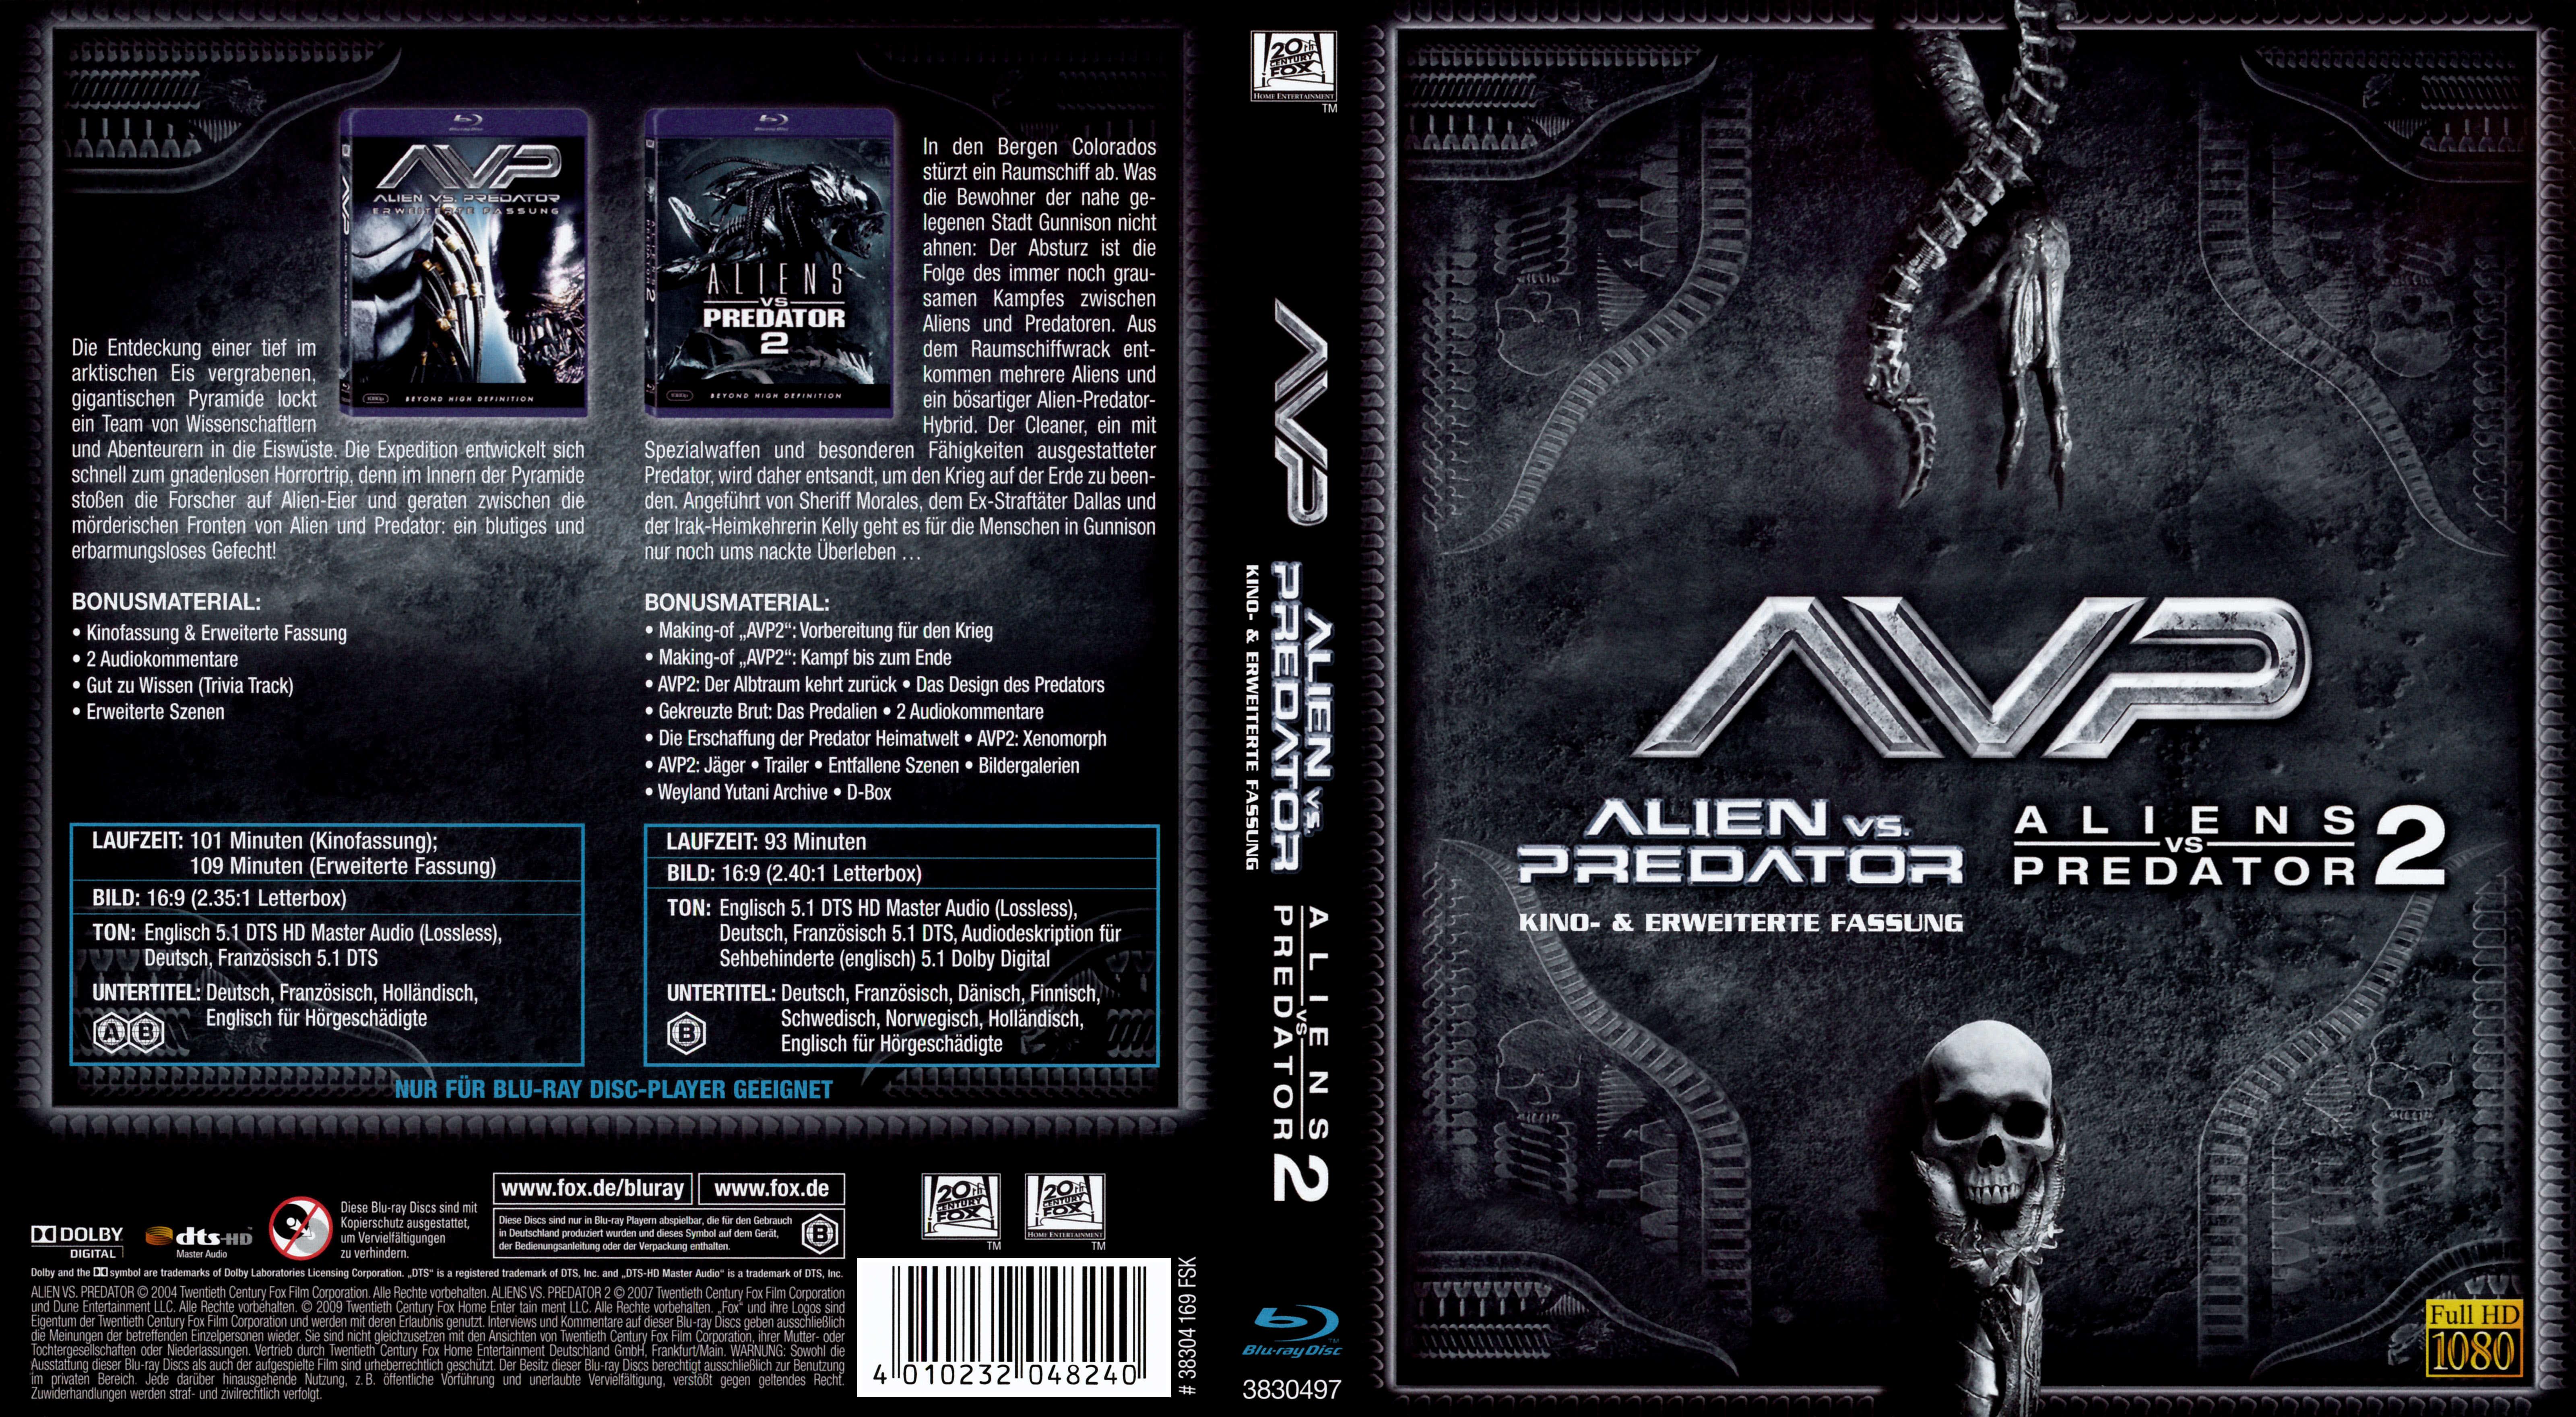 Favourites. los nuevos rebeldes 2012 cd download. Predator science tablet.